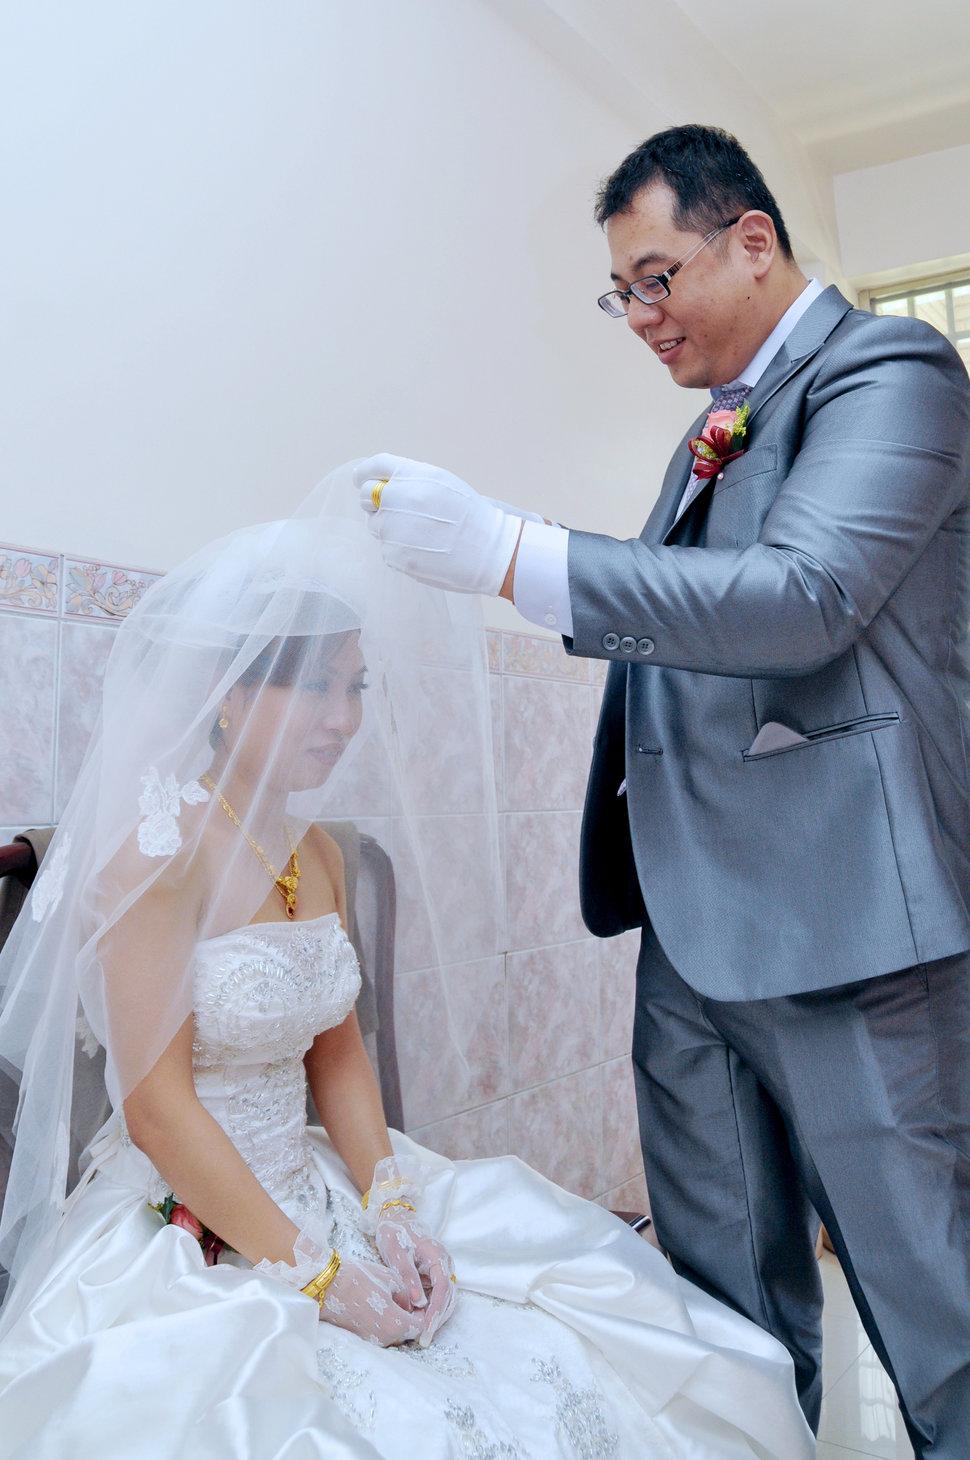 培頌&詩雯迎娶_047 - 克里斯 婚禮紀錄 - 結婚吧